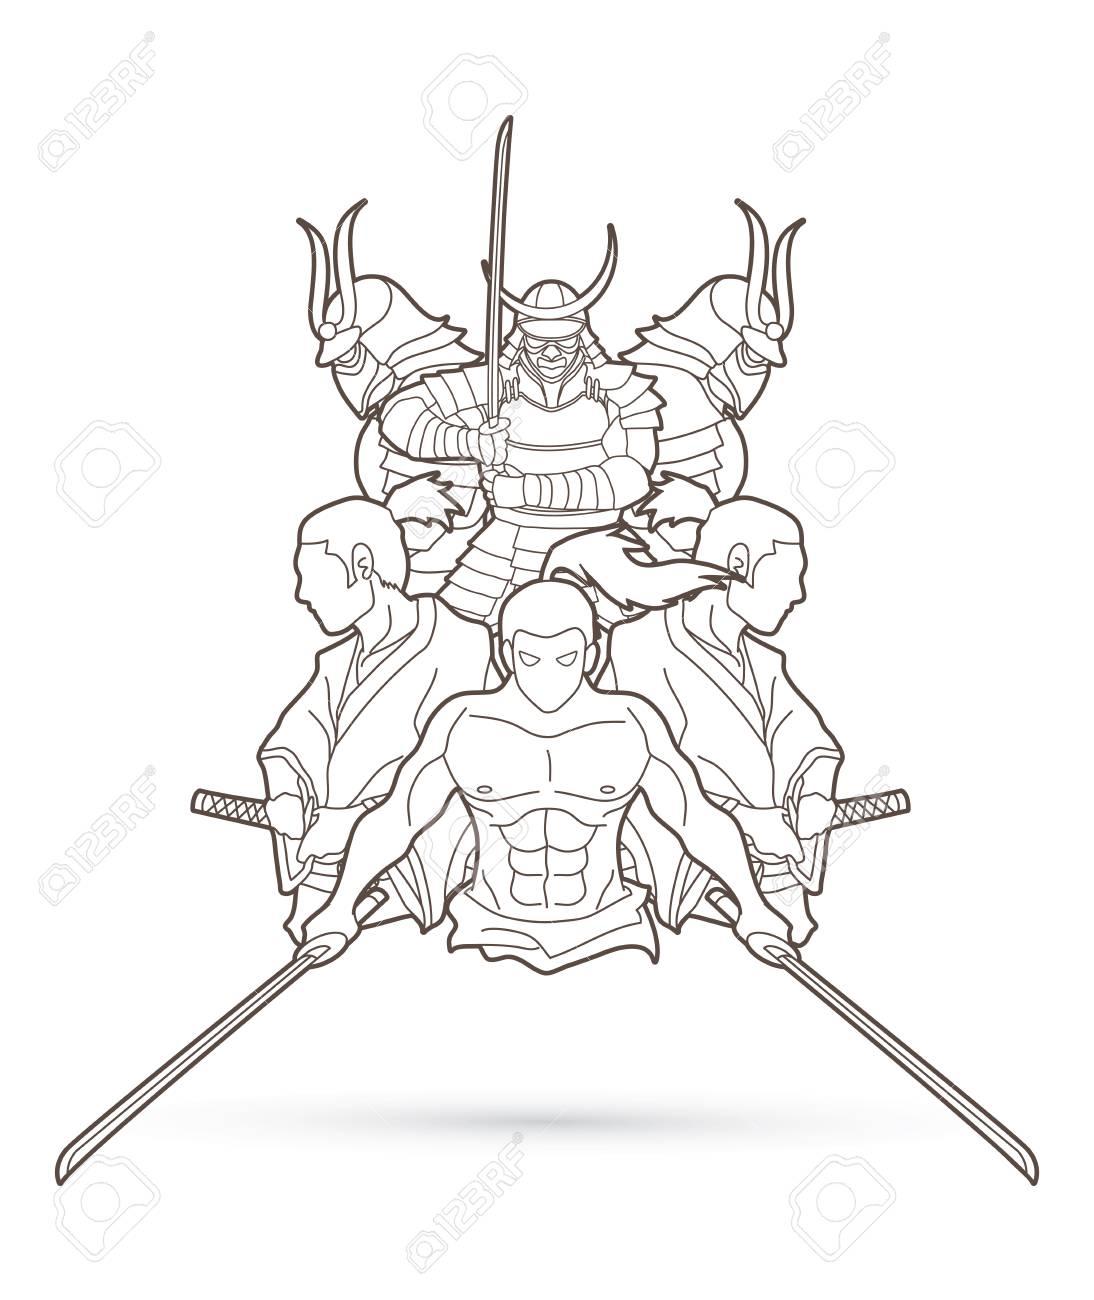 Grupo De Samurai Listo Para Luchar Vector Grafico De Contorno De Dibujos Animados De Accion Ilustraciones Vectoriales Clip Art Vectorizado Libre De Derechos Image 91703996